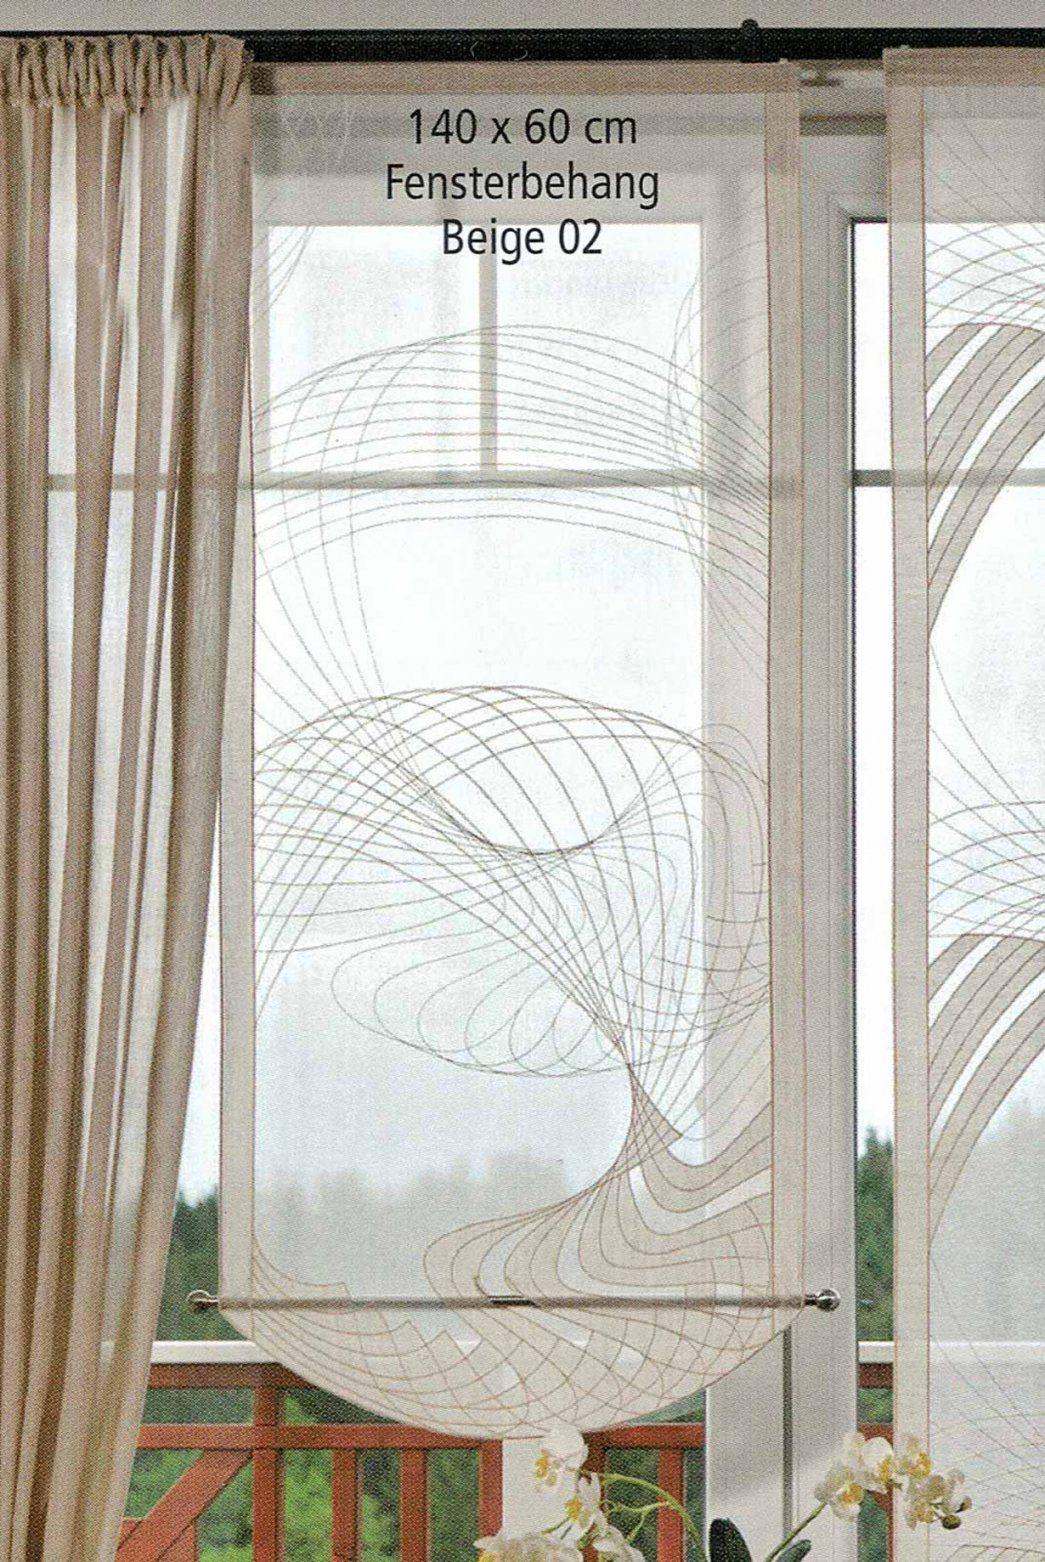 Plauener Spitze Gardinen Brav Zeichnung Fensterbehang Viora Modern von Gardinen Plauener Spitze Florentina Photo